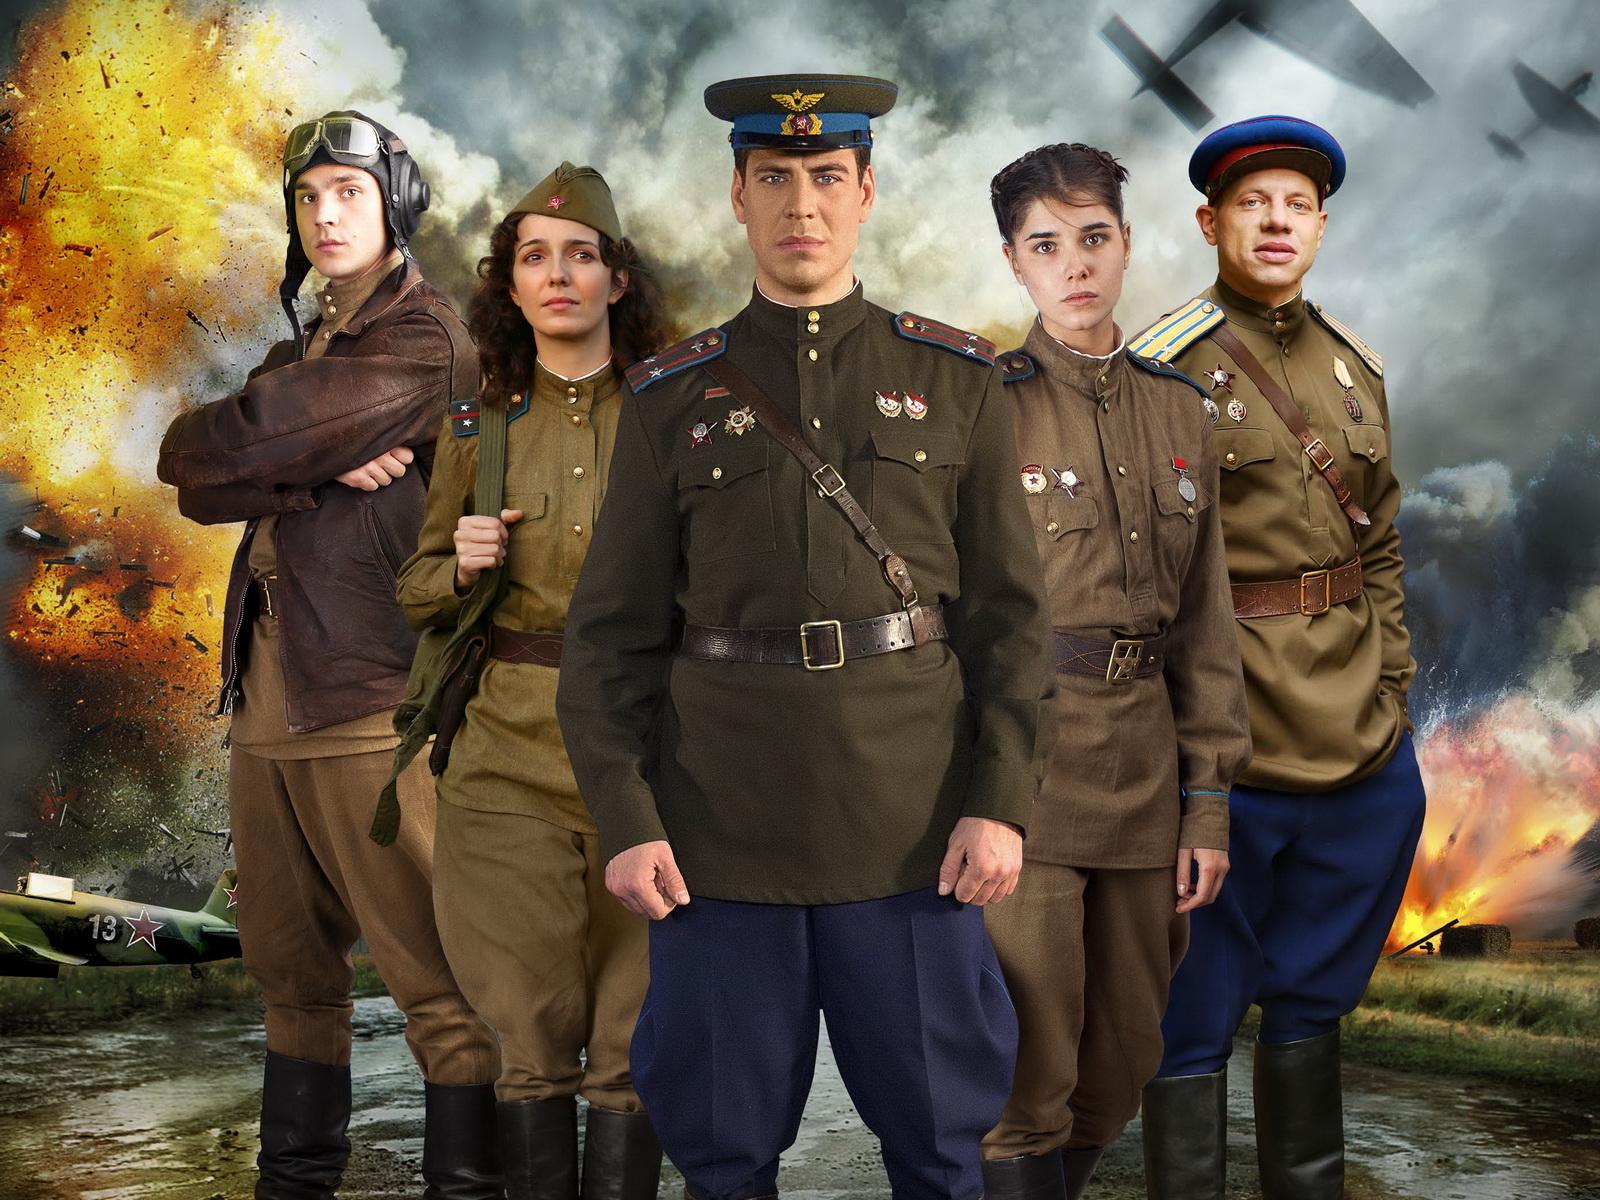 Военные новинки сериалов 2018 русские